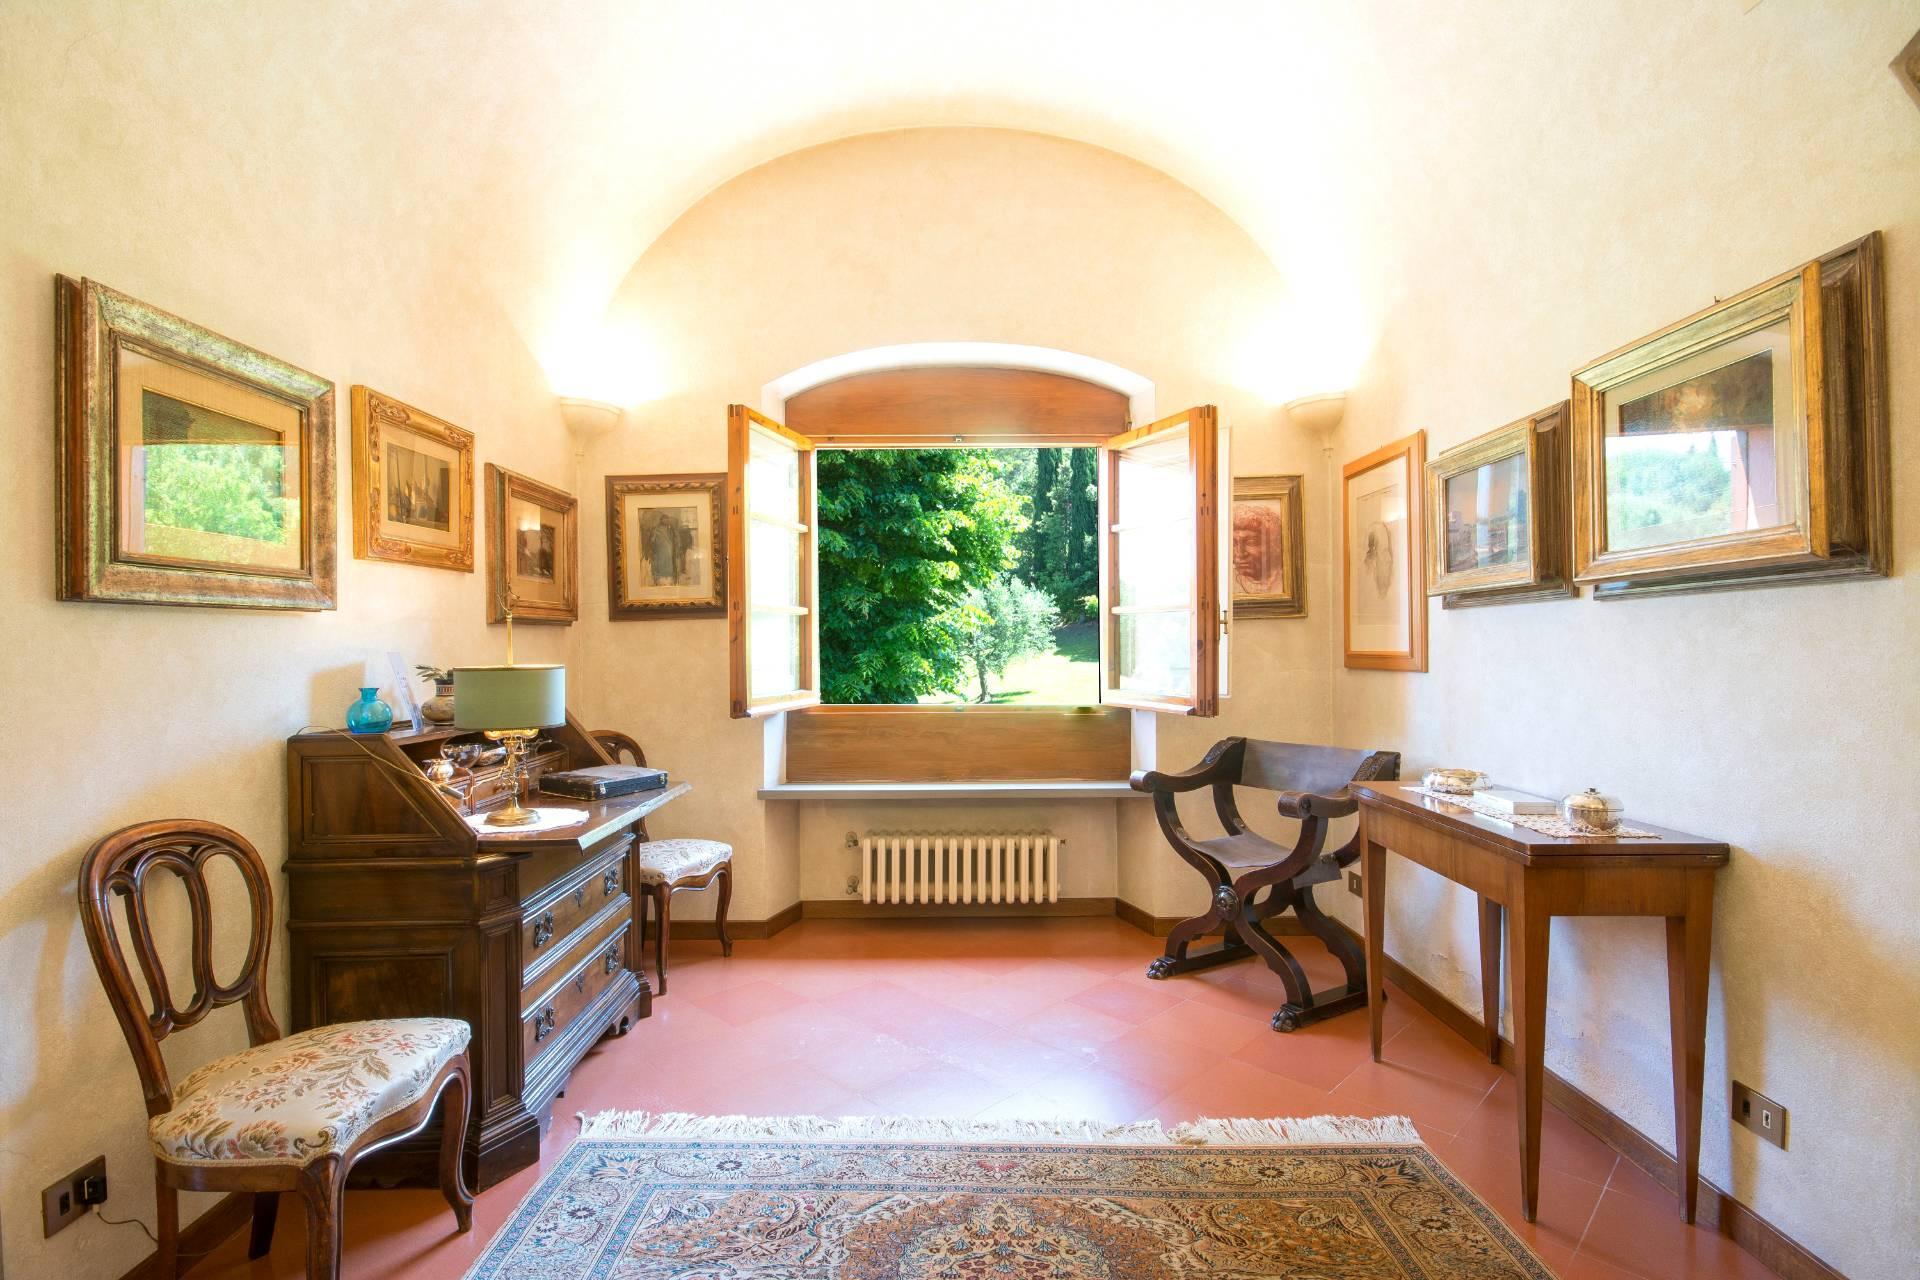 Villa storica con vista su Firenze - 12